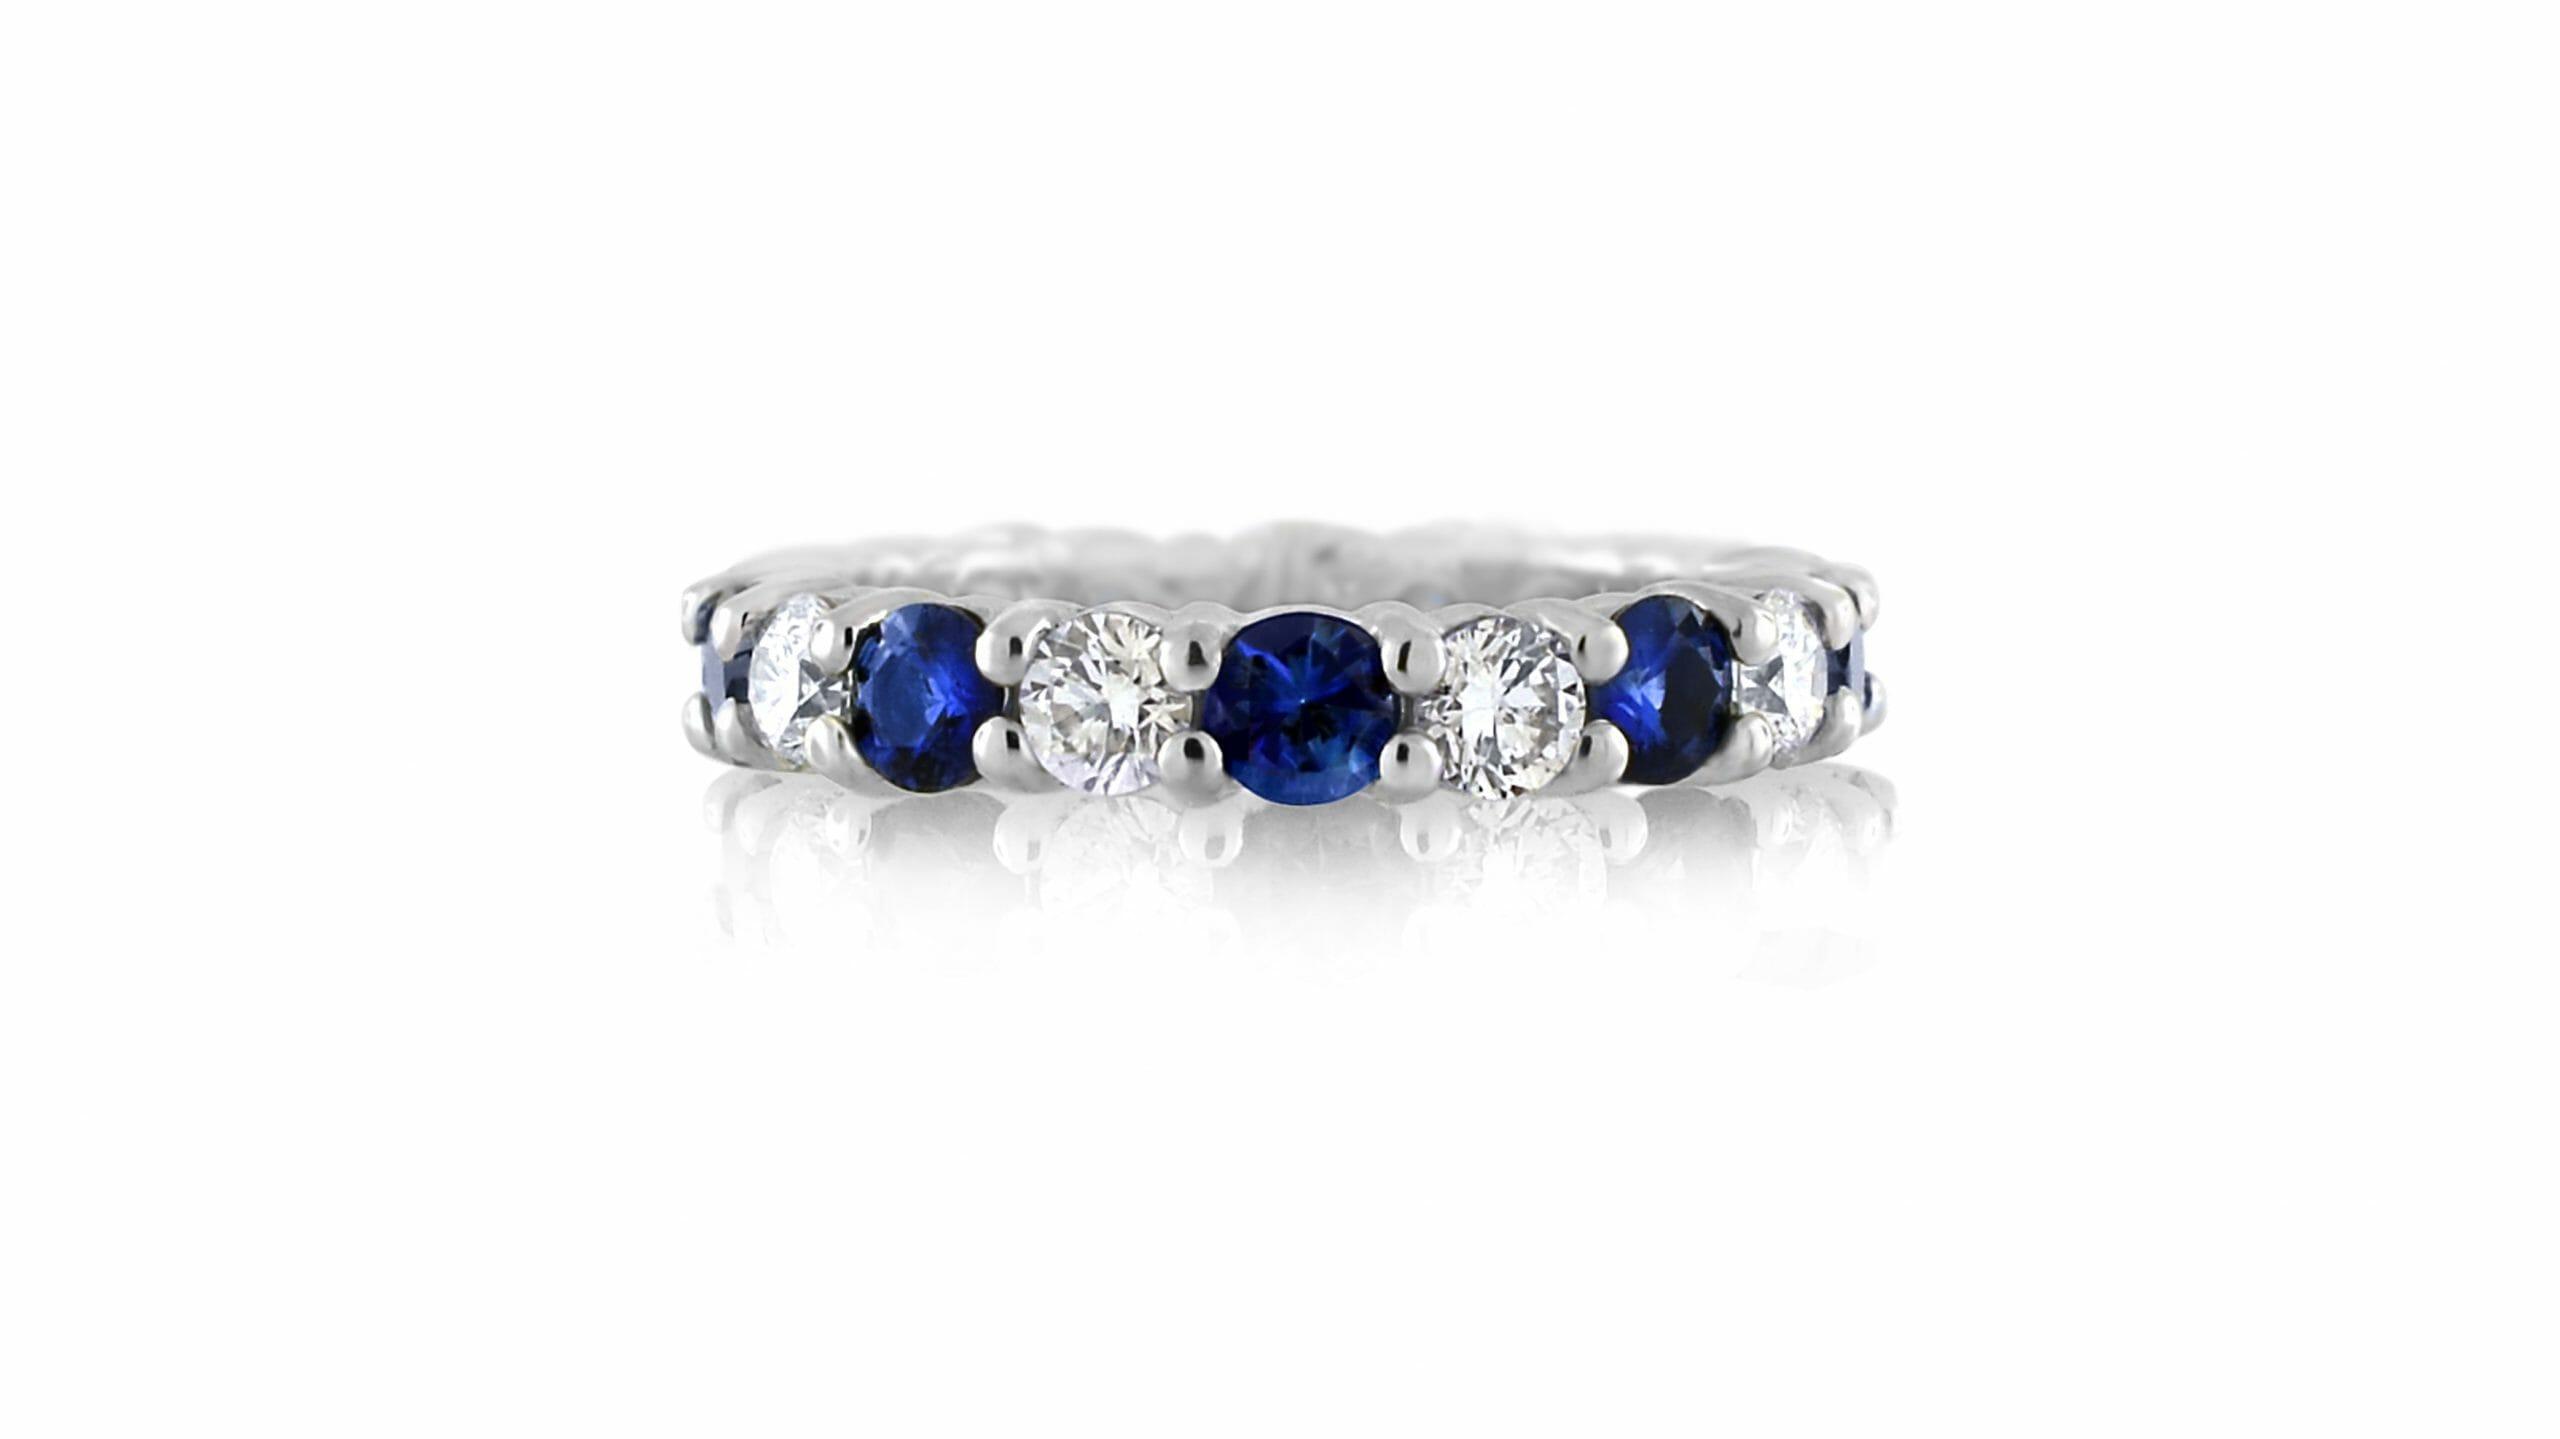 Sapphire & Diamond Full Eternity Ring | 18ct White Gold Full Eternity Ring With 9 Blue Sapphires And 9 White Diamonds